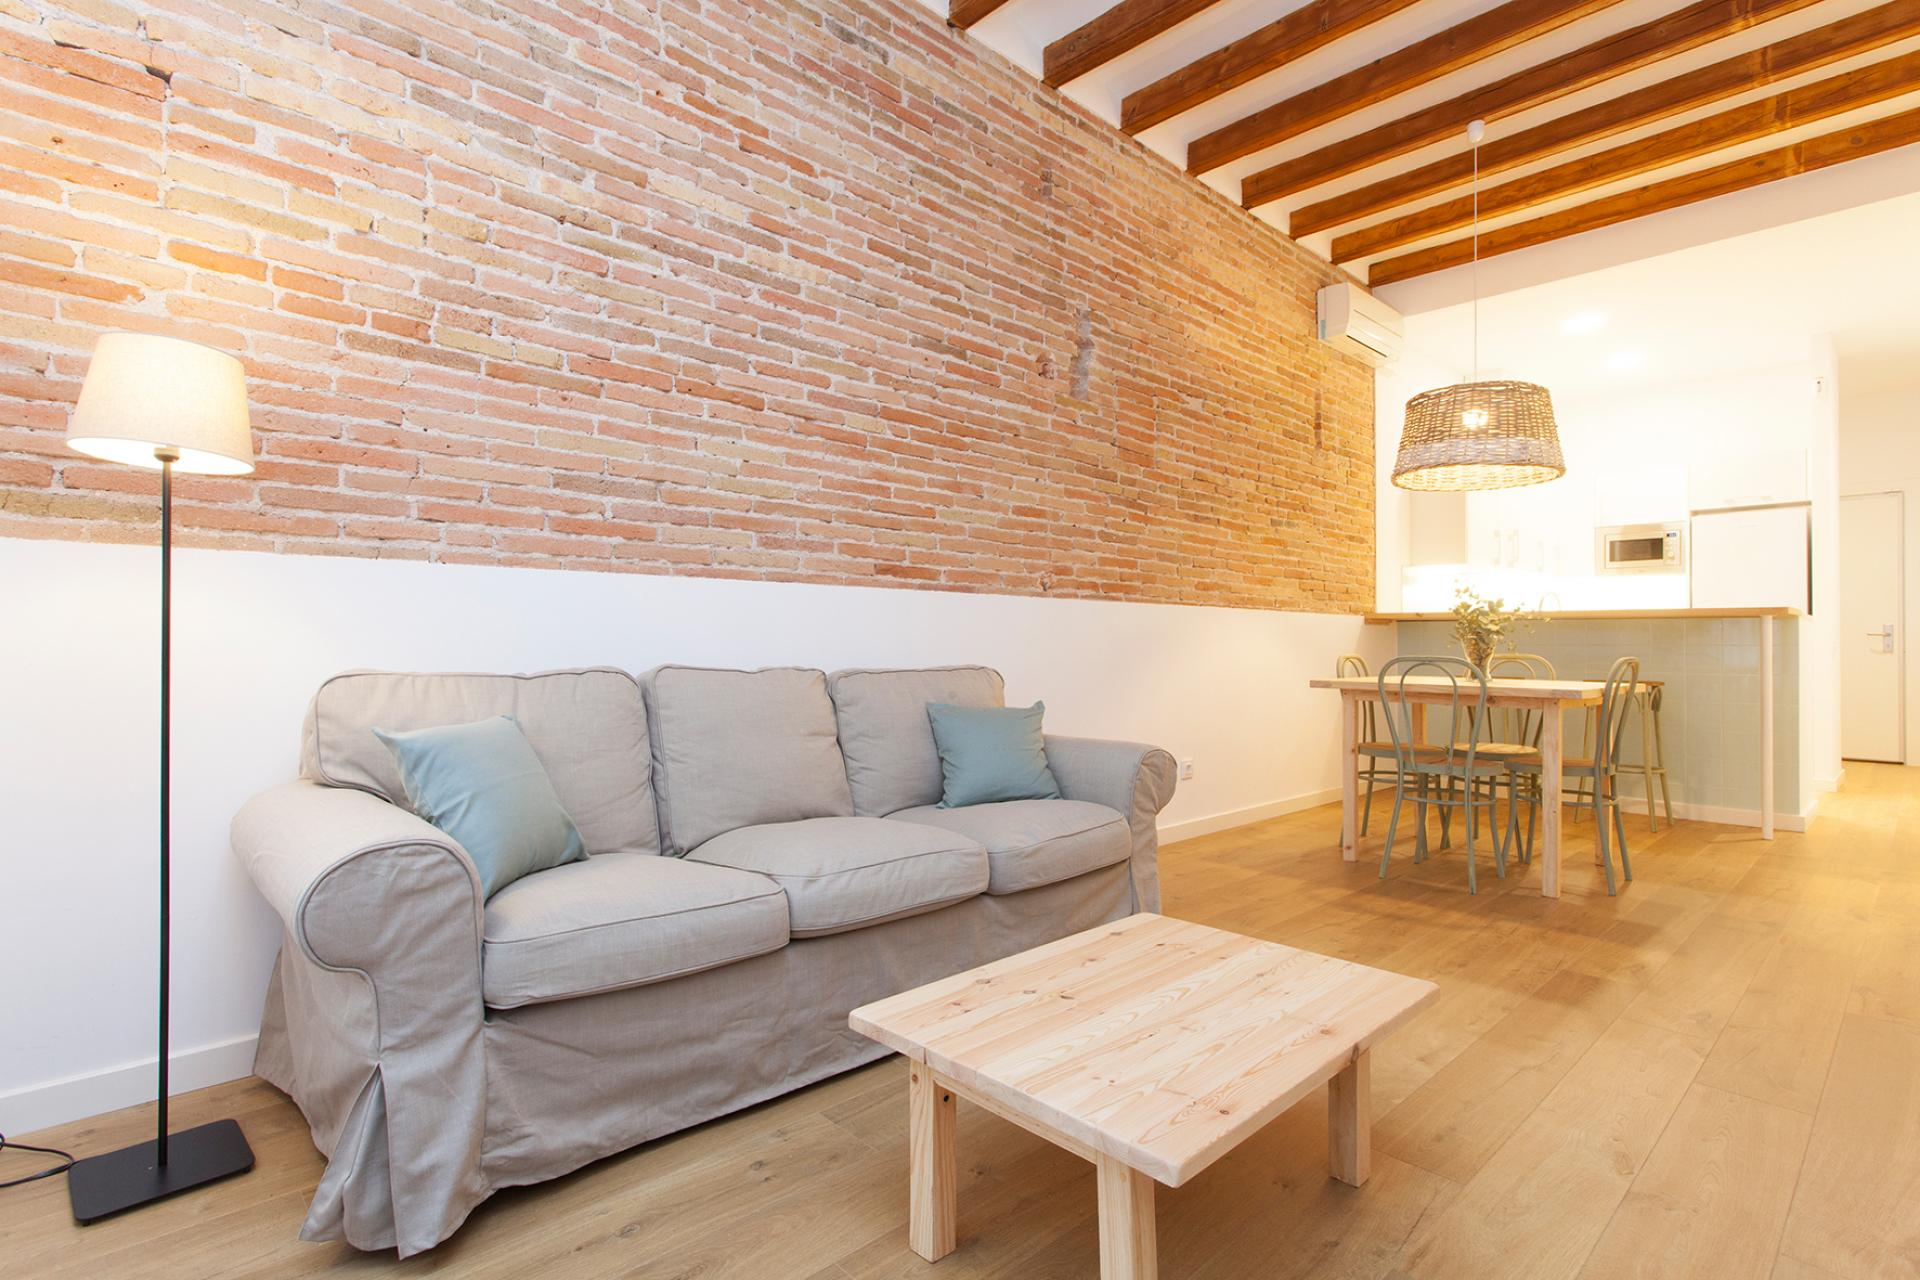 Pis en lloguer barcelona ciutat vella macba - Lloguer pis barcelona particular ...